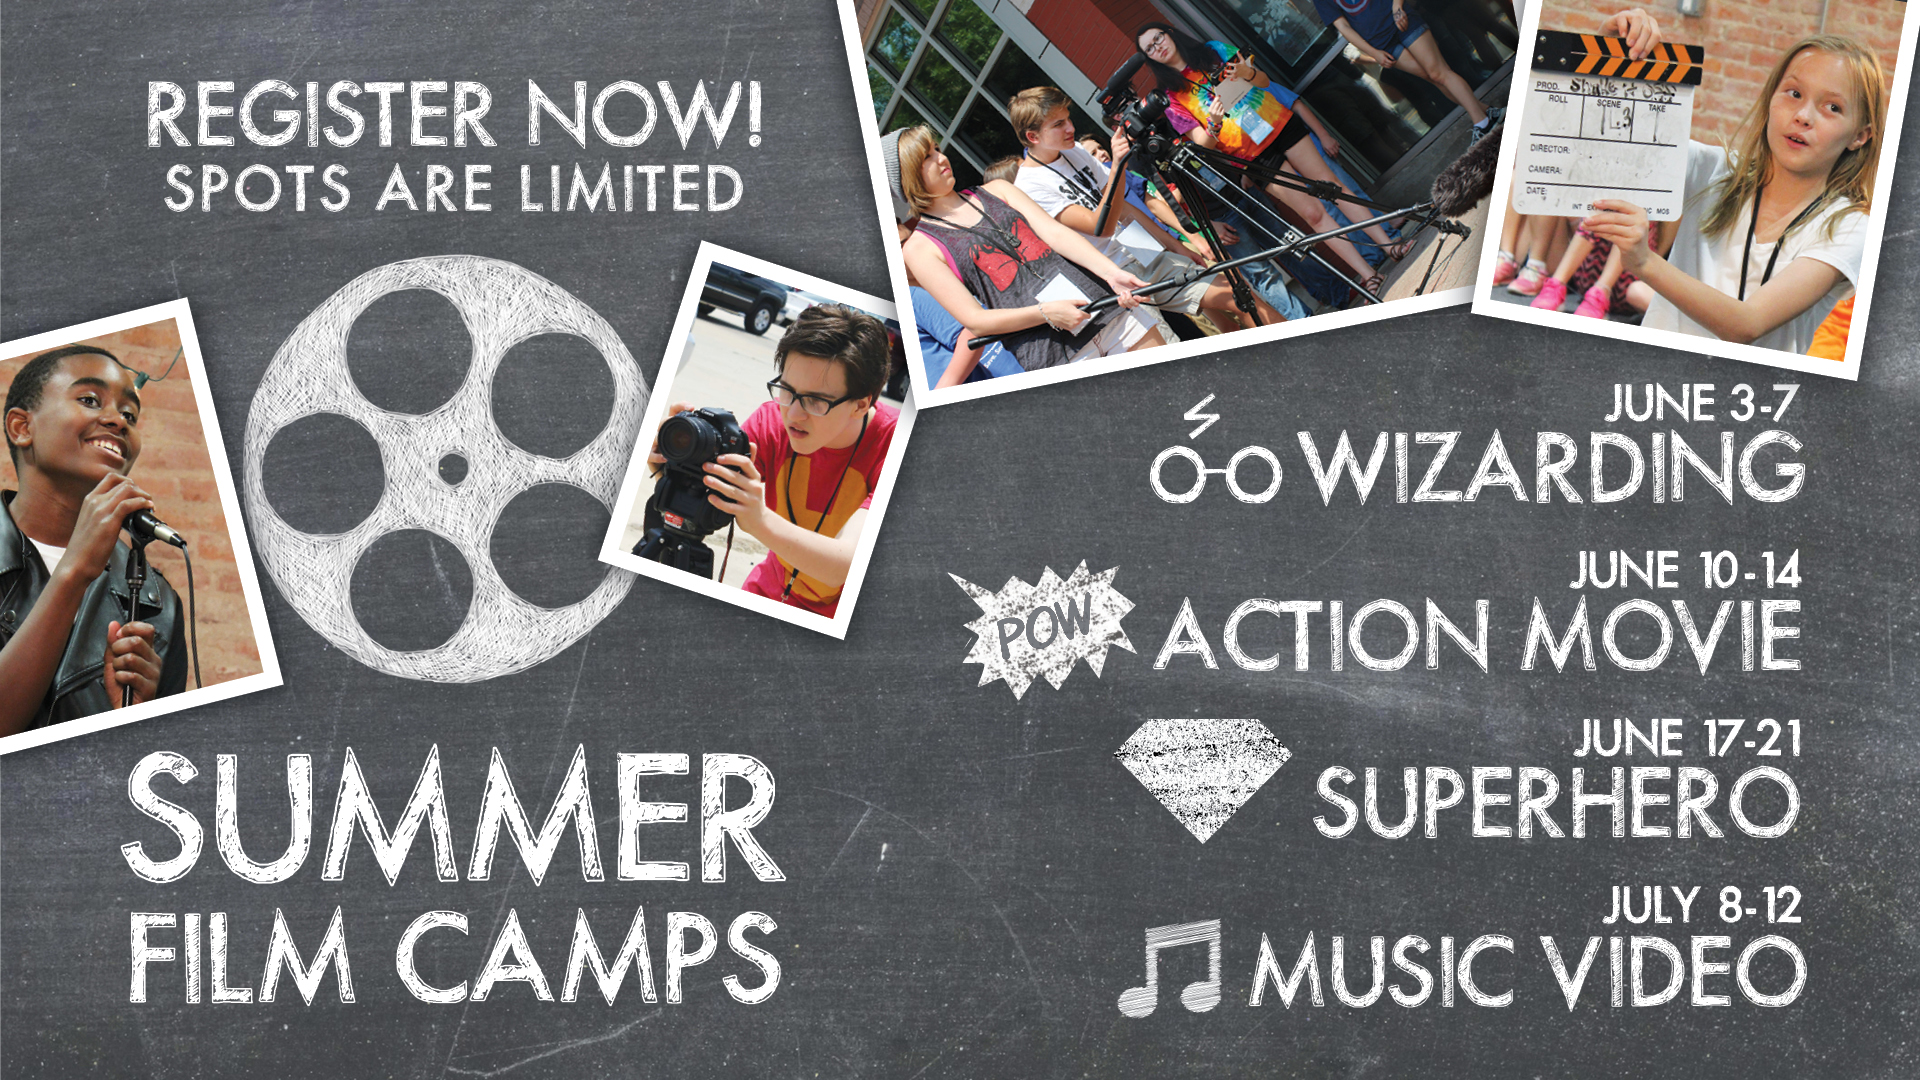 SummerFilmCamp.jpg